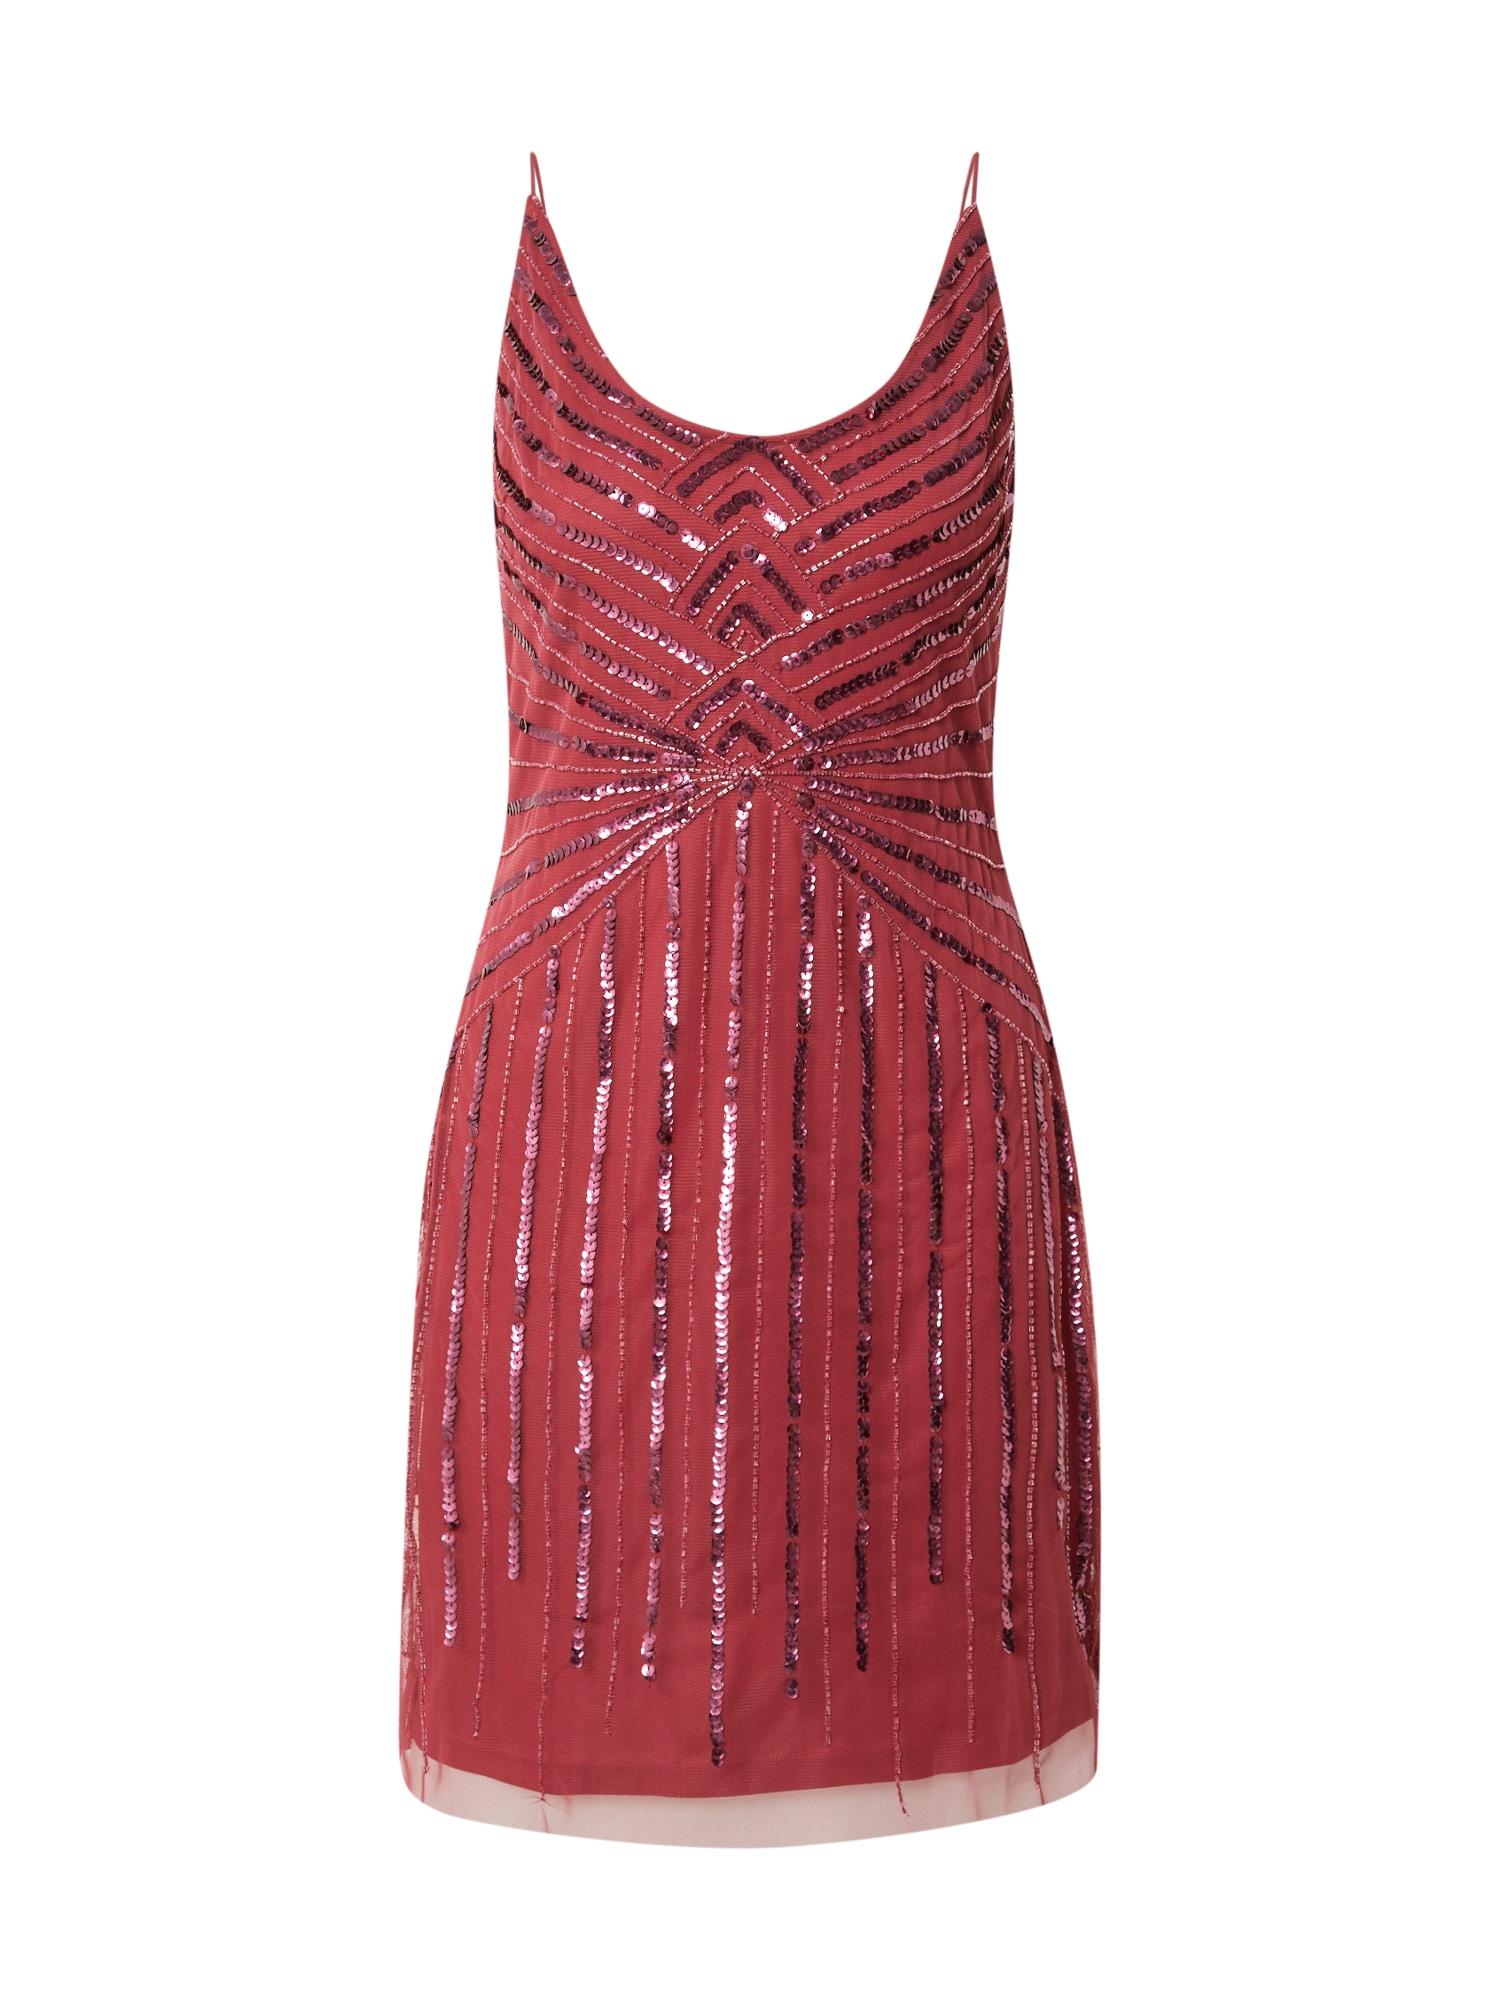 Hailey Logan Kokteilinė suknelė vyno raudona spalva